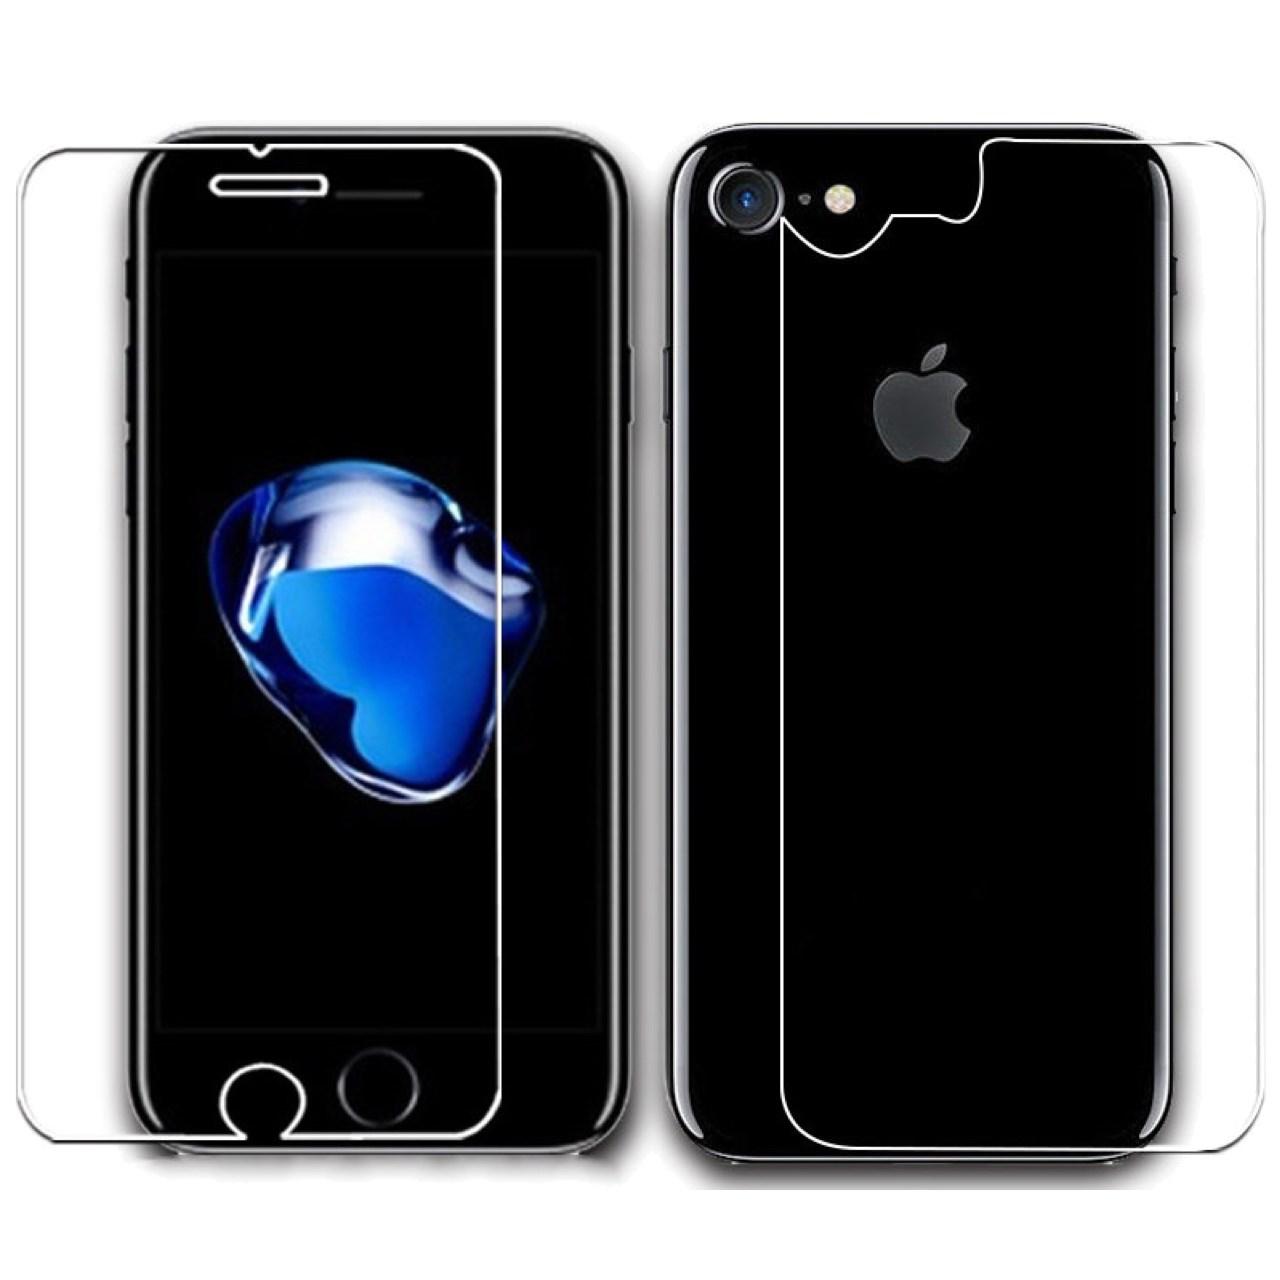 محافظ صفحه نمایش و پشت شیشه ای هوکار مدل Tempered مناسب برای گوشی موبایل اپل آیفون 7